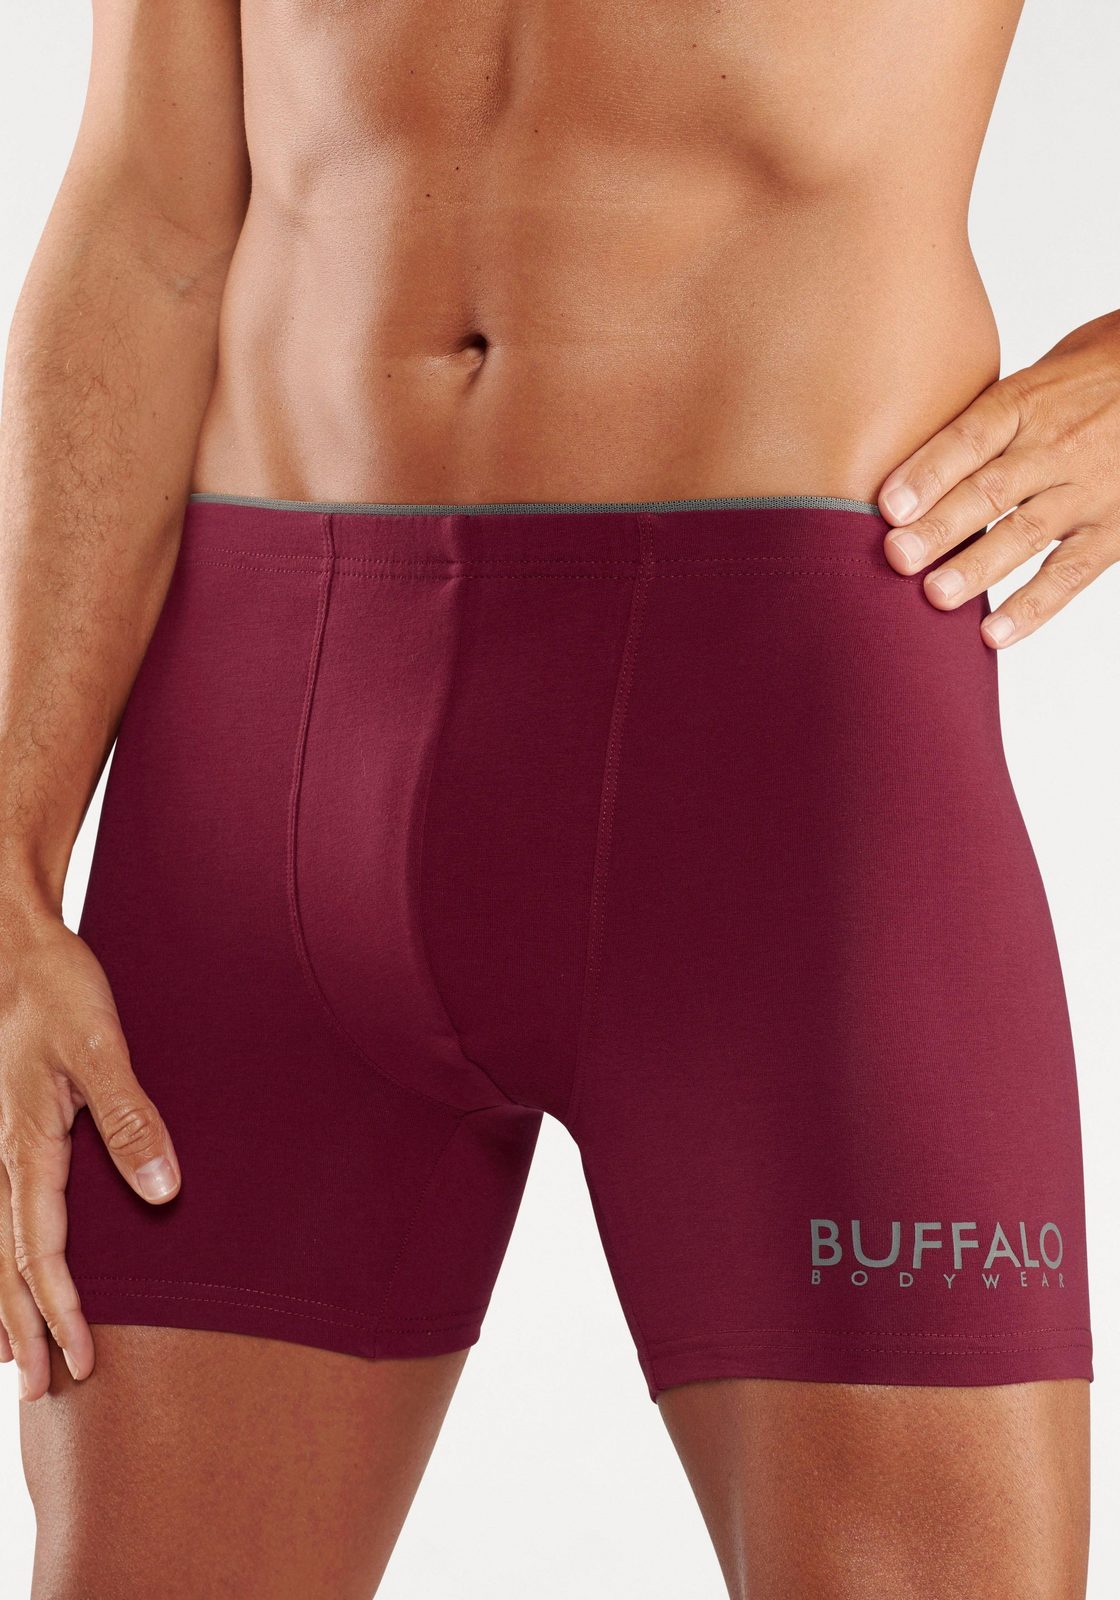 Buffalo Langer Boxer (3 Stück) jetztbilligerkaufen